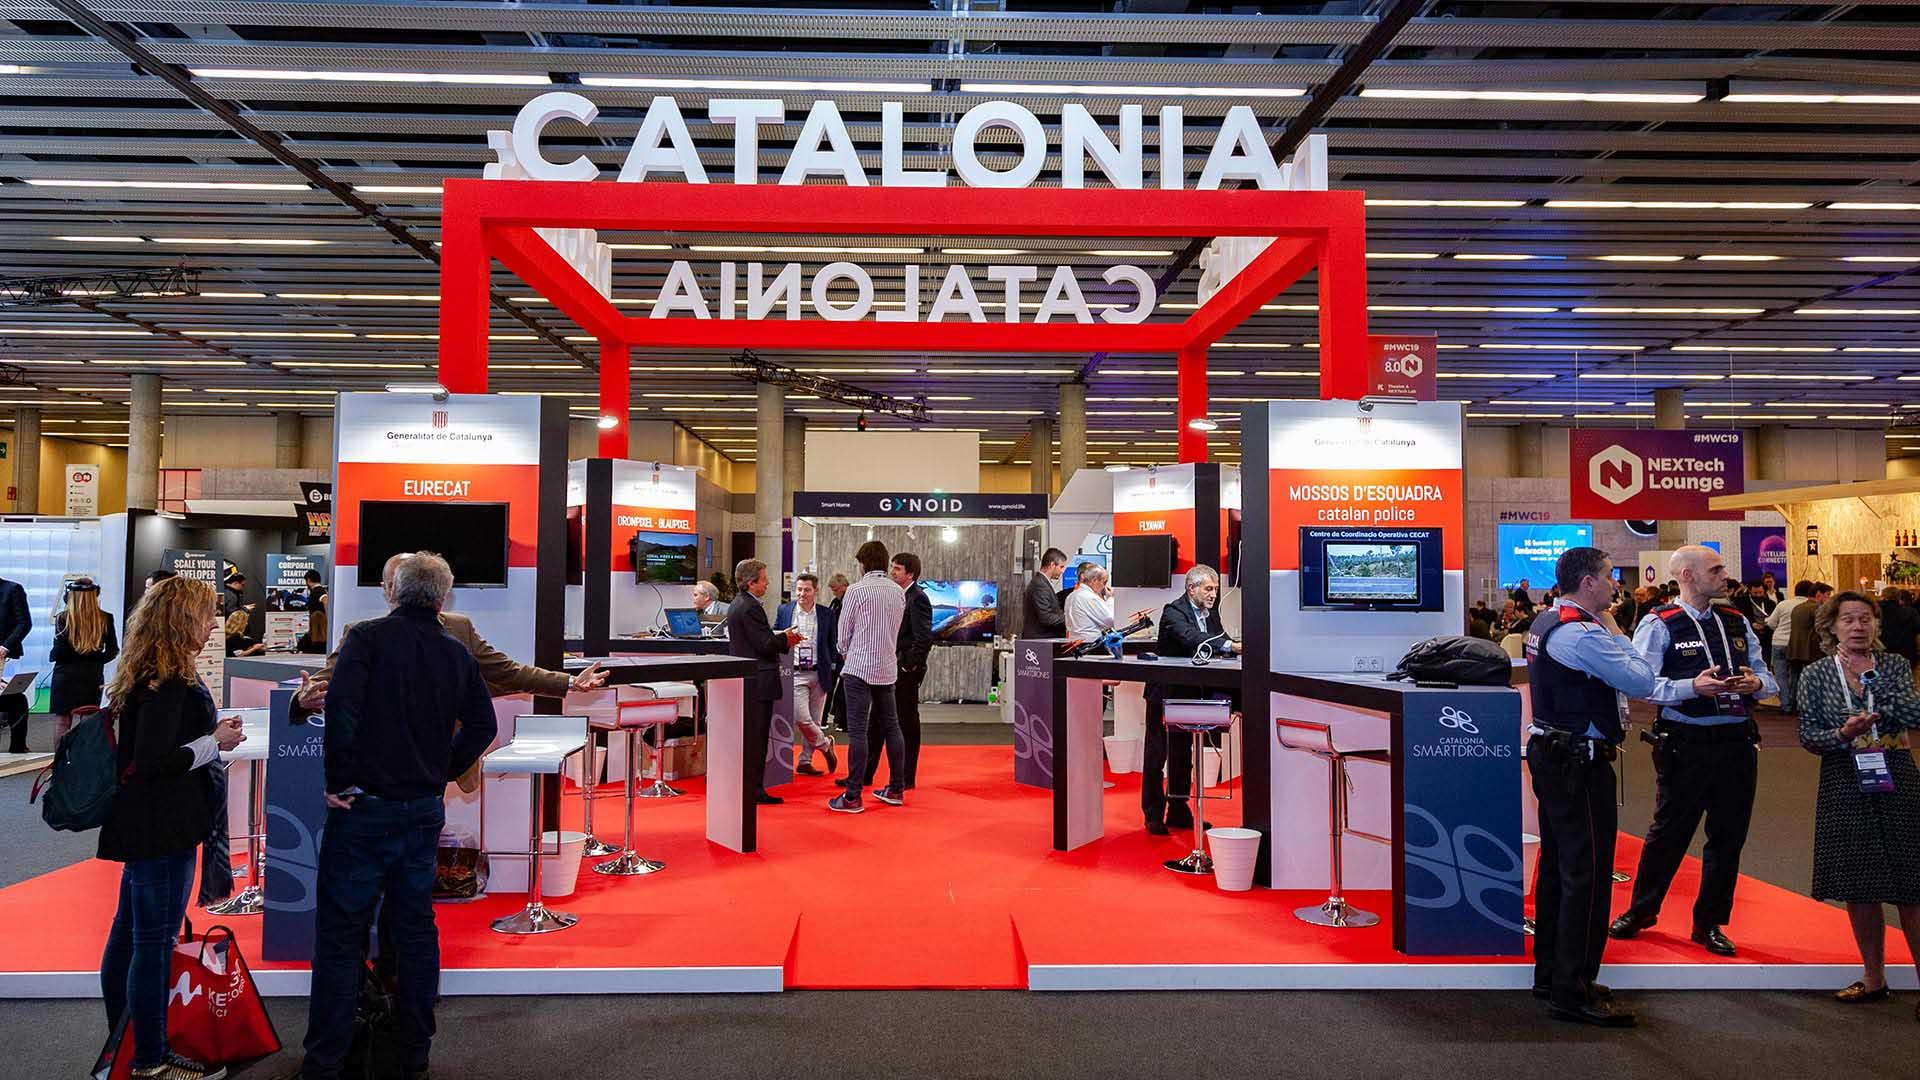 Mobile world congress. Catalonia stand design